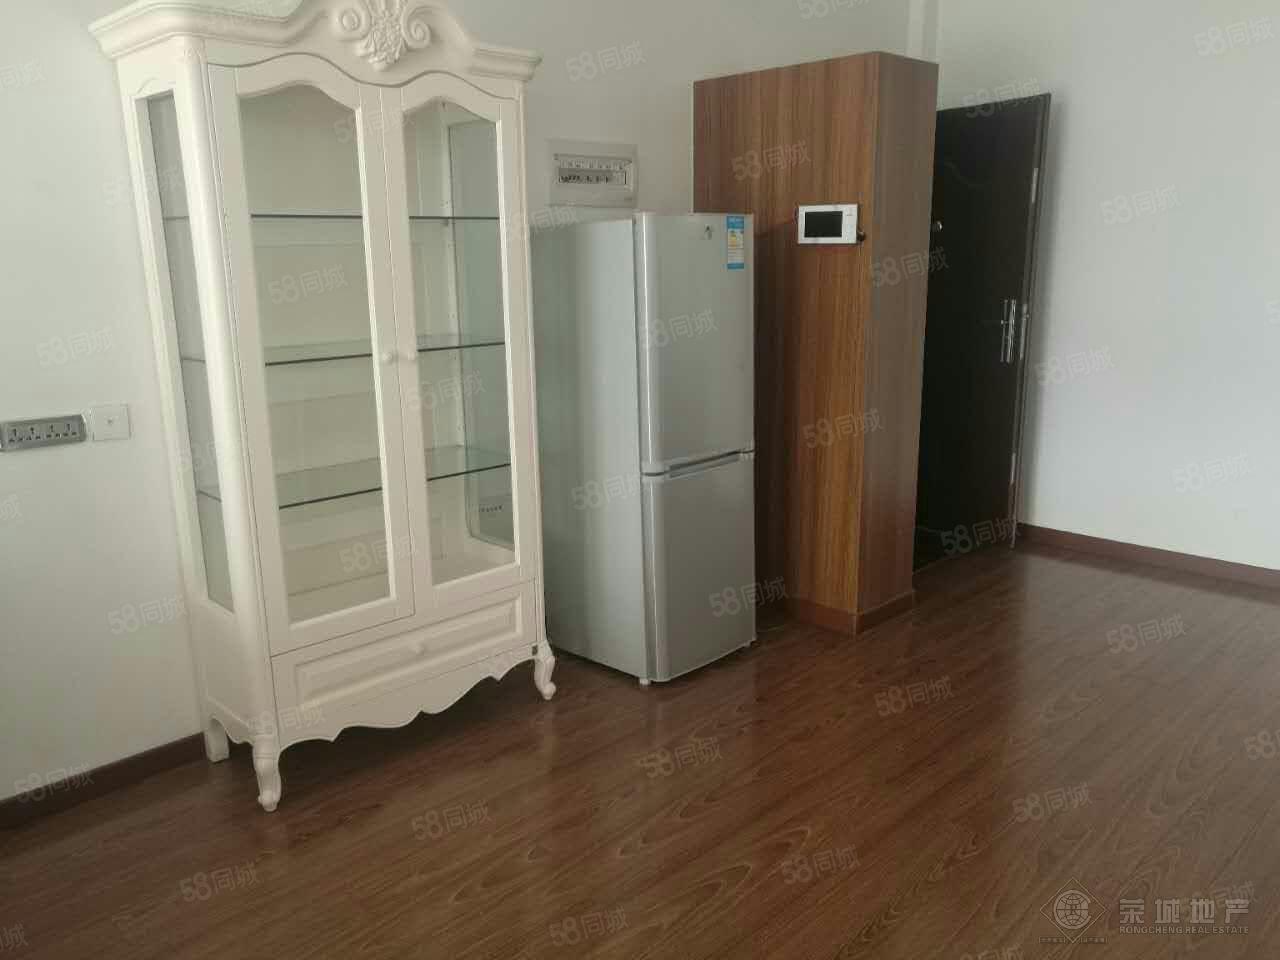 聚缘公寓2000元3室2厅2卫精装修,家具电器齐全,有